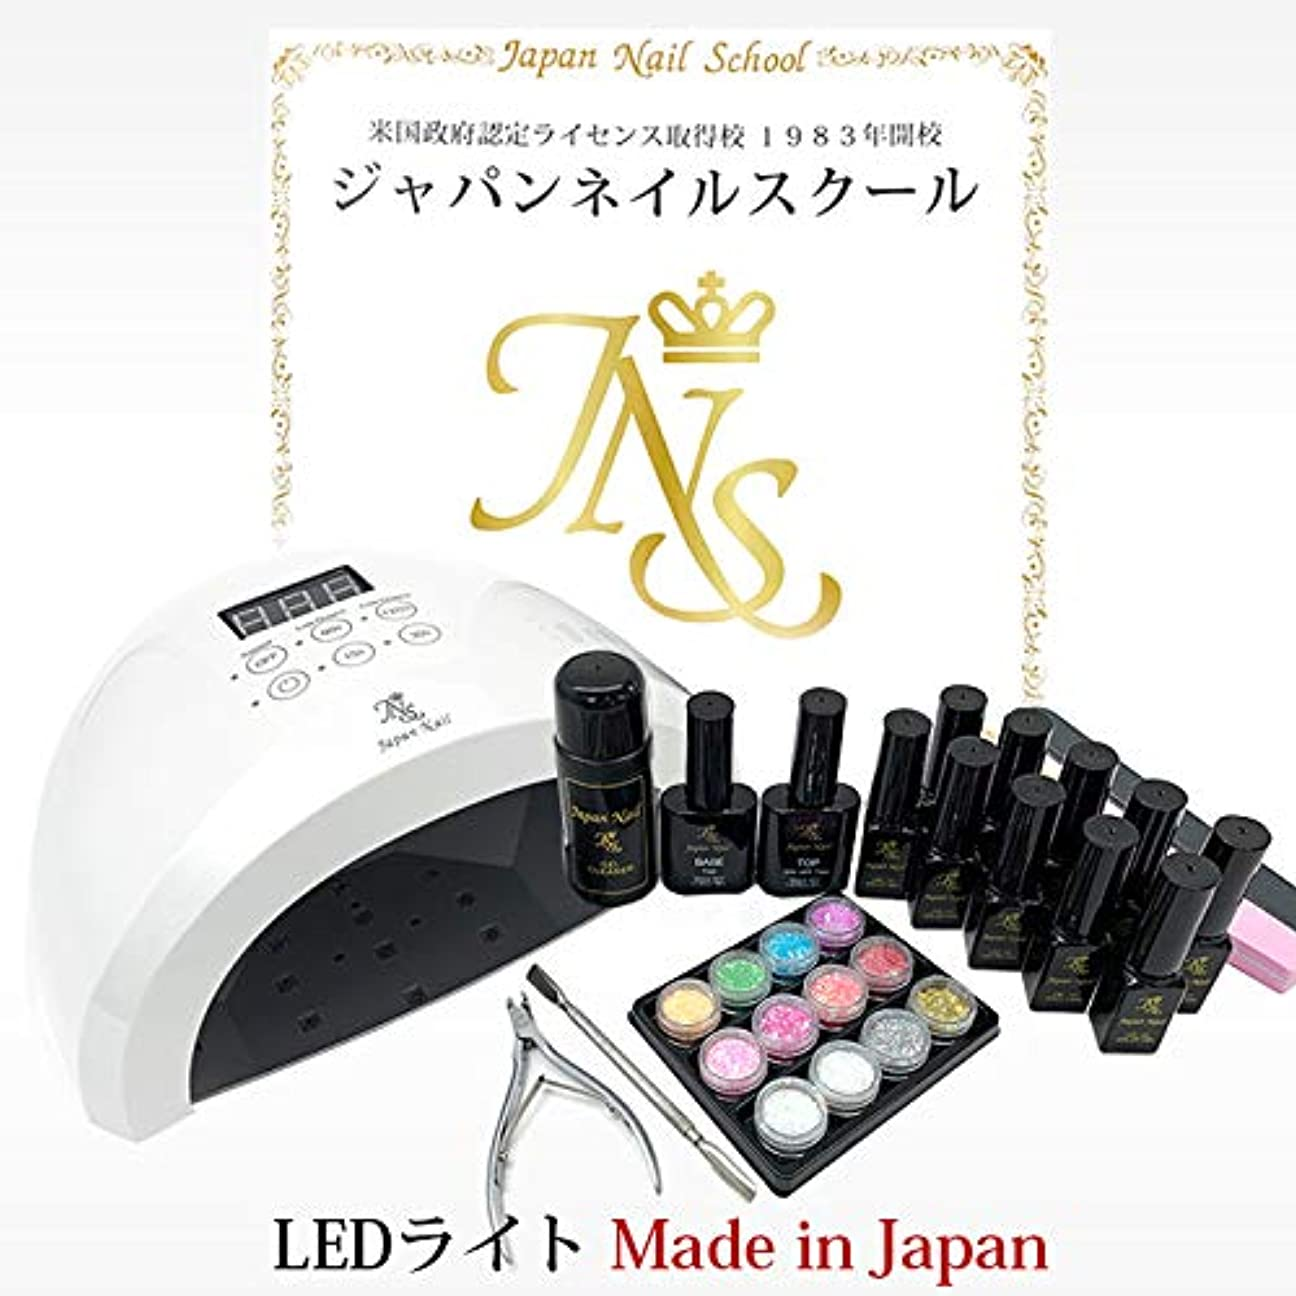 三口憤る弱爪?傷爪でも熱くない2つのローダウン機能搭載ジェルネイルキット最新型日本製LEDライトn7初心者も安心の5年間サポート付